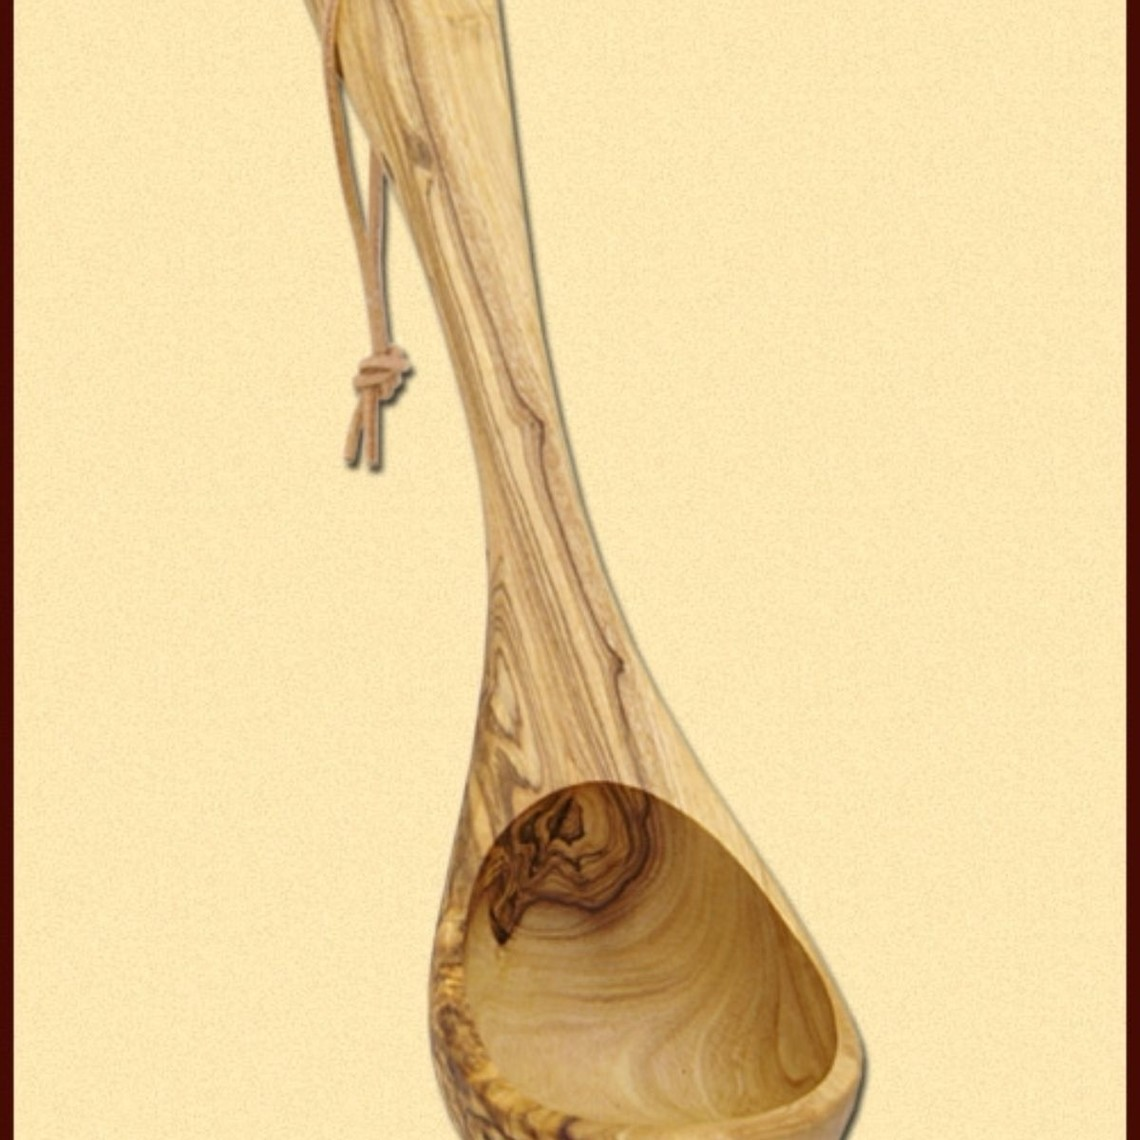 Mestolo di legno d'ulivo, 26 cm